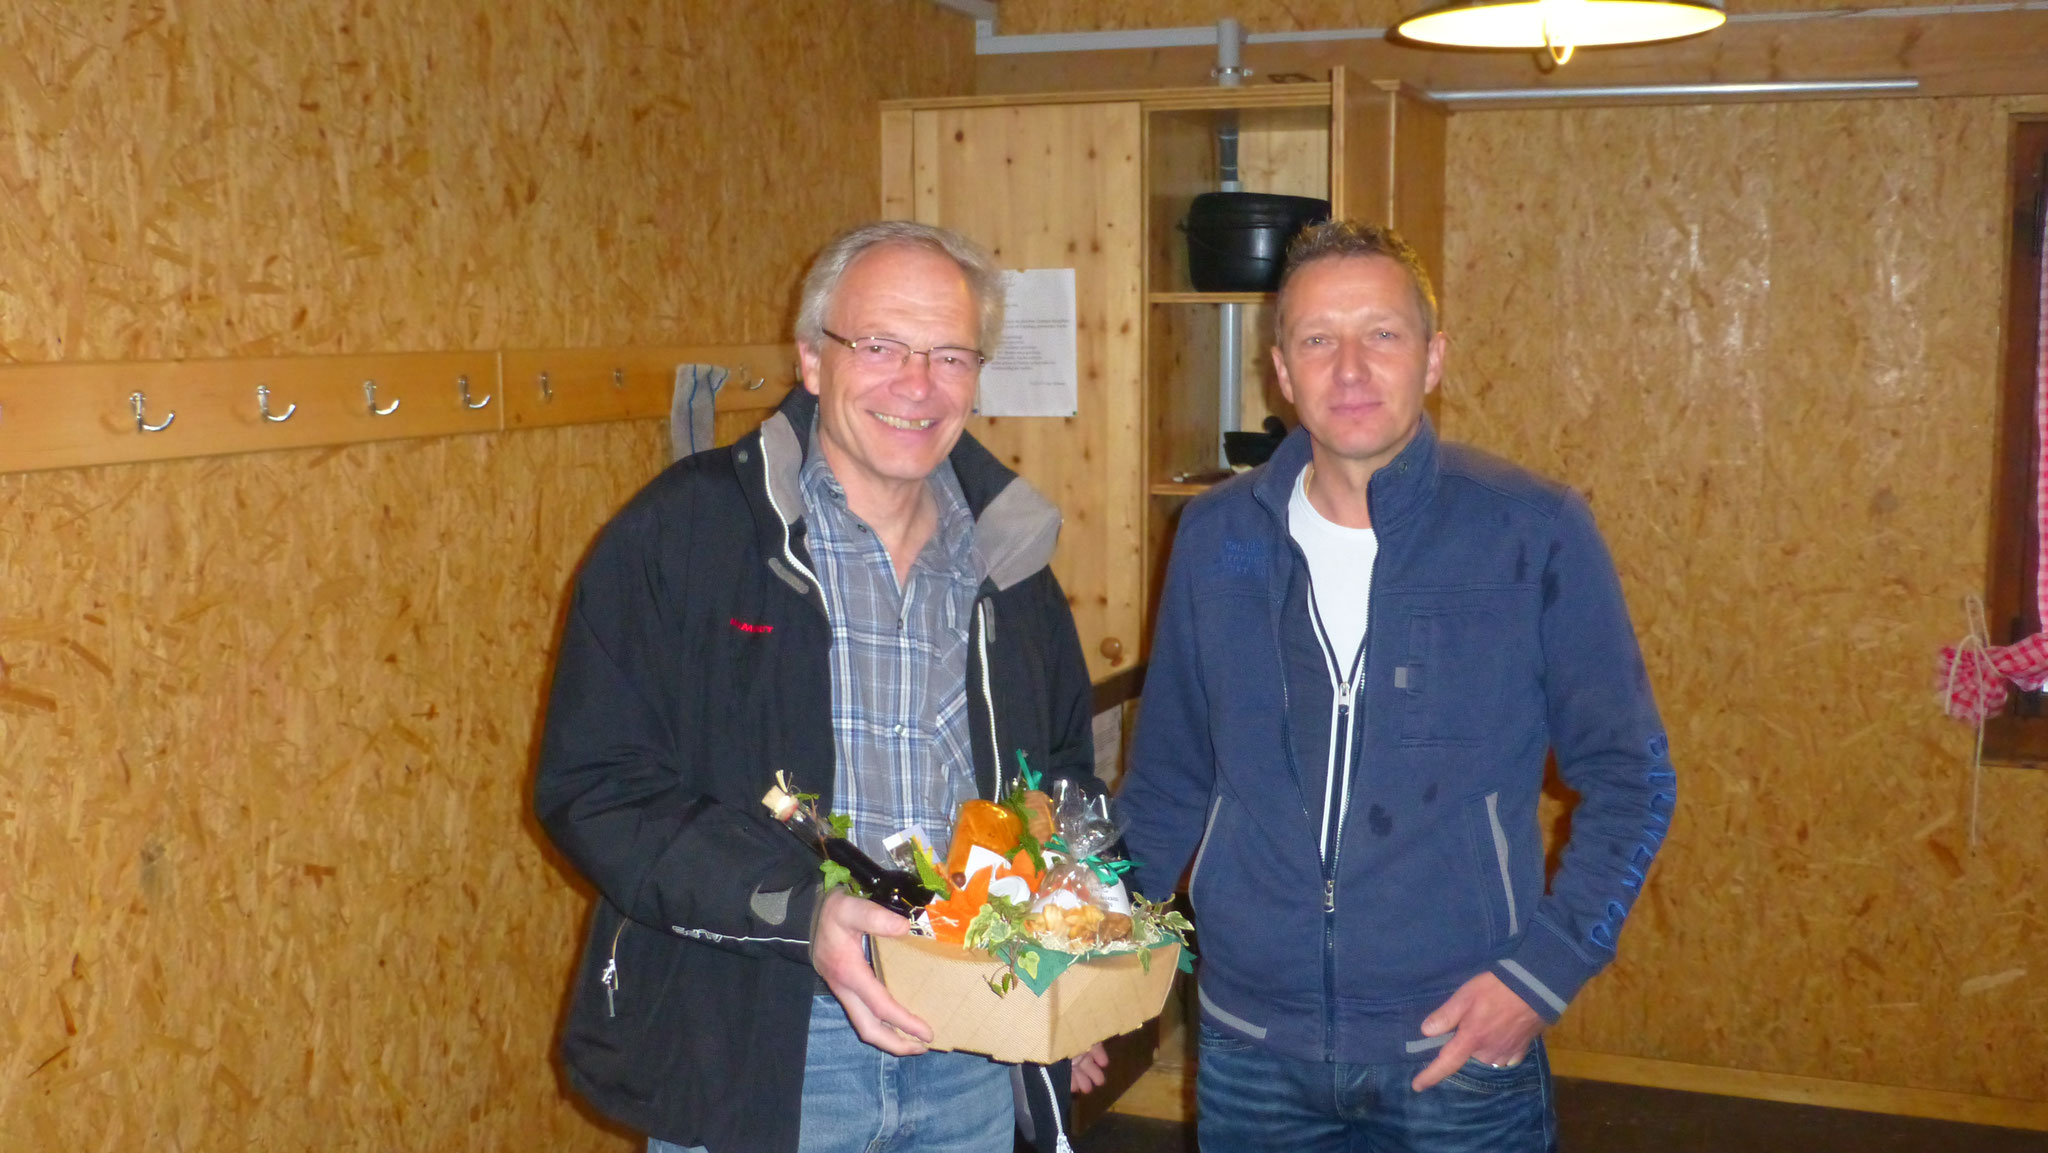 Martin Abt bedankt sich bei Hanspeter Schümperli für die interessante Führung